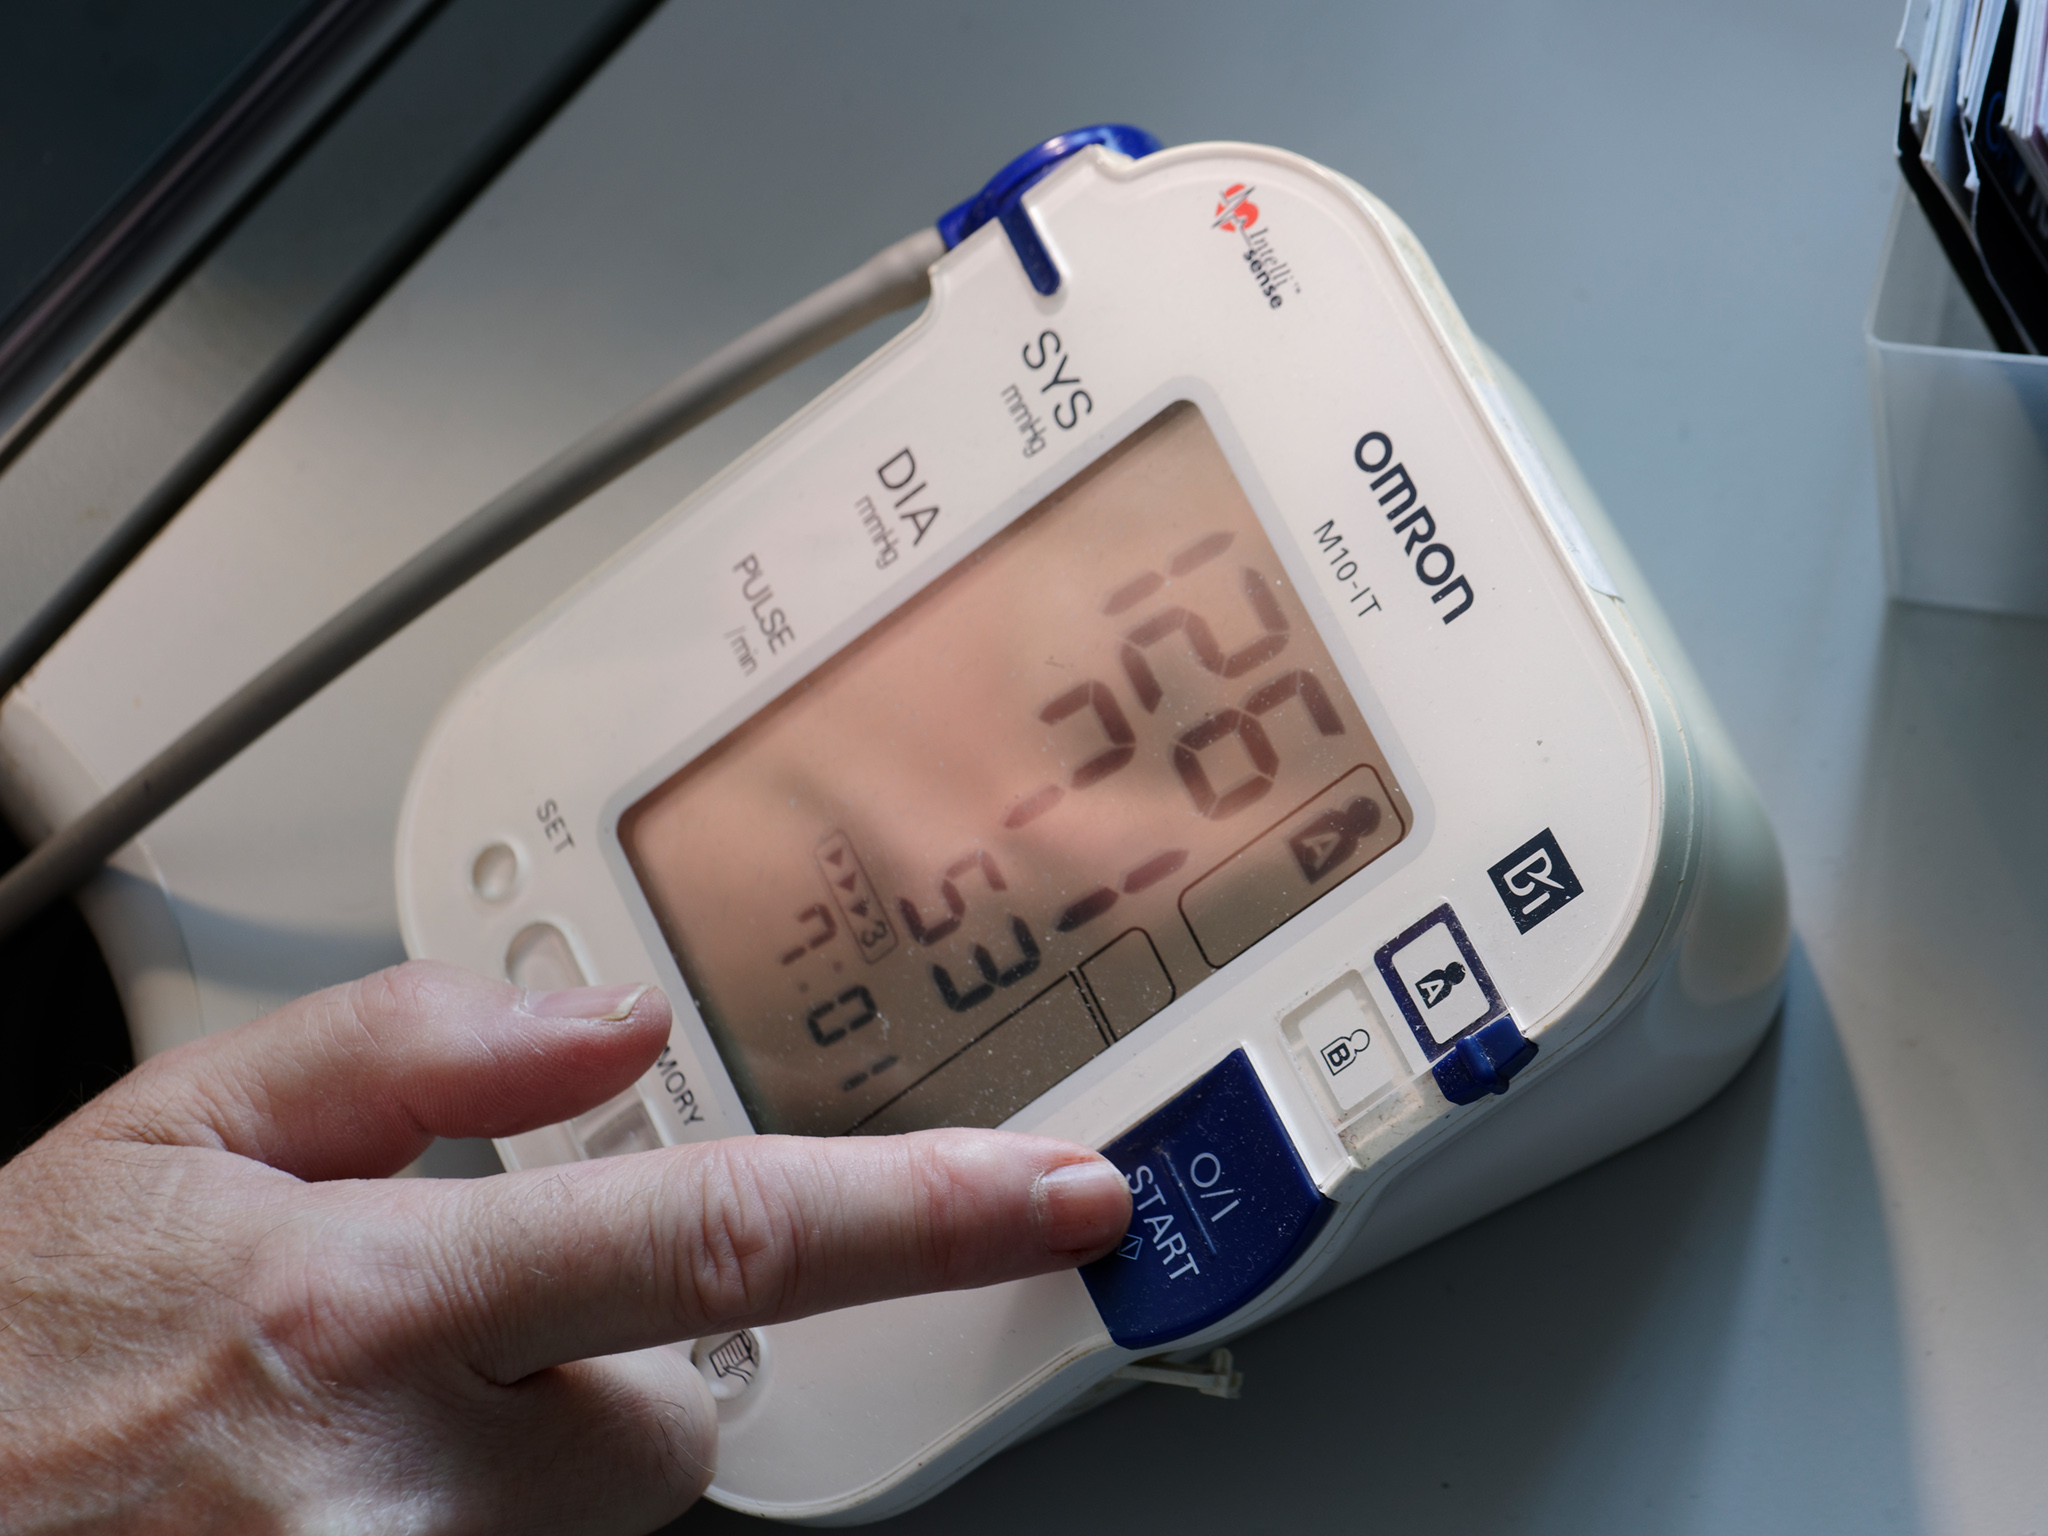 04_Graham BP monitoring+finger_6441_Ps4x3.jpg